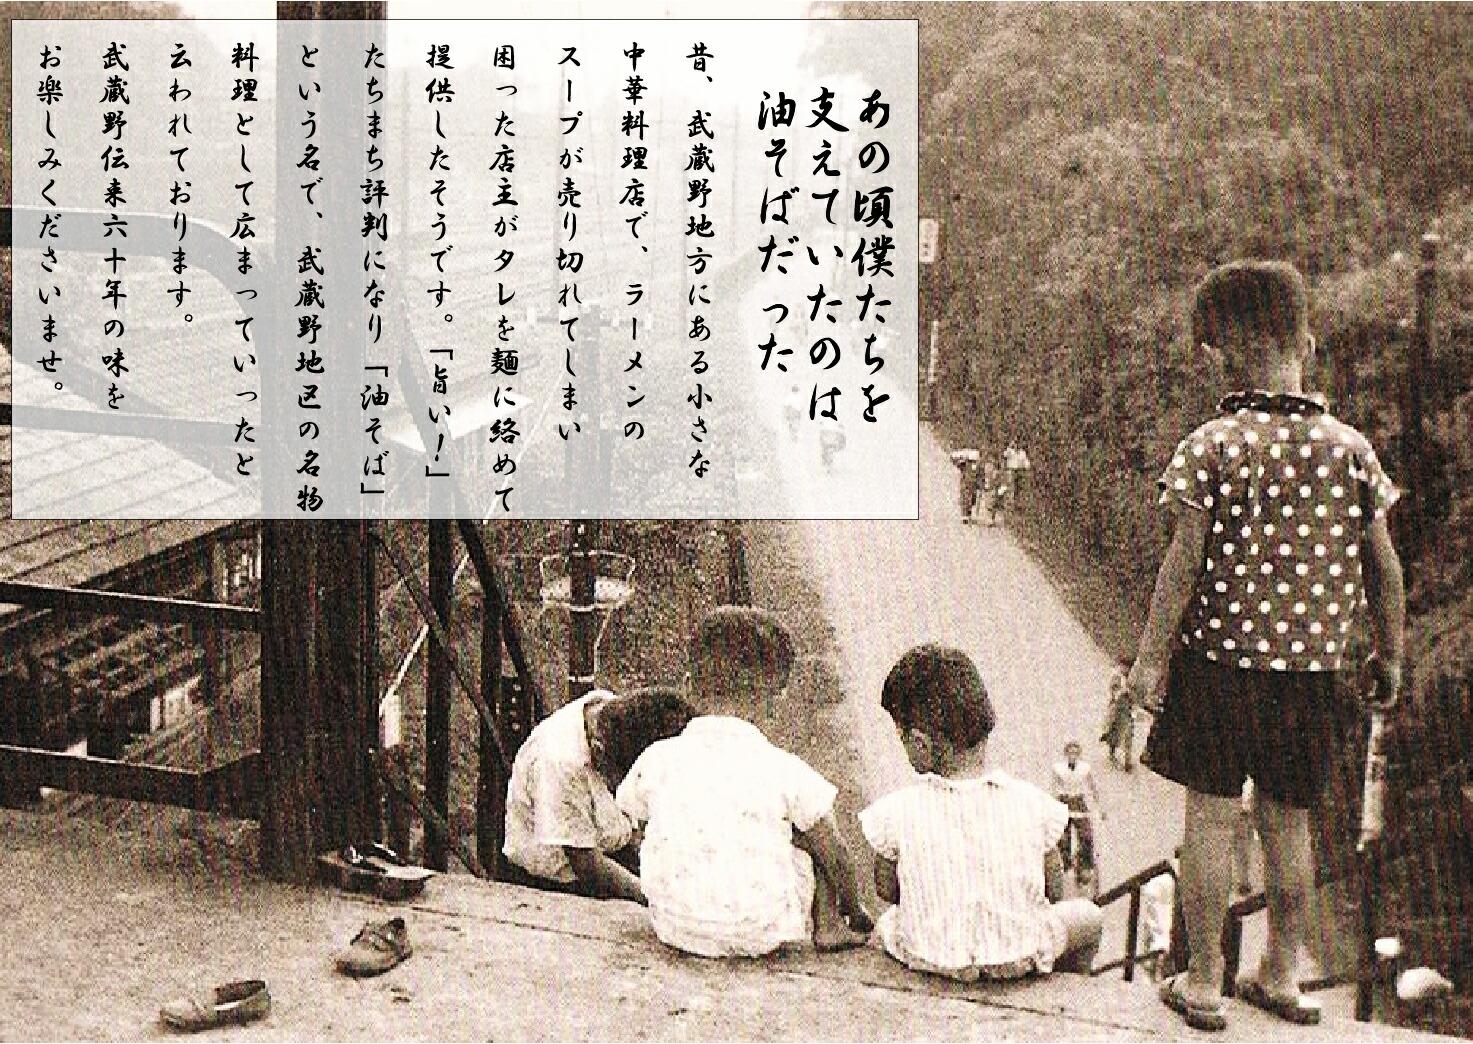 武蔵野の古い写真